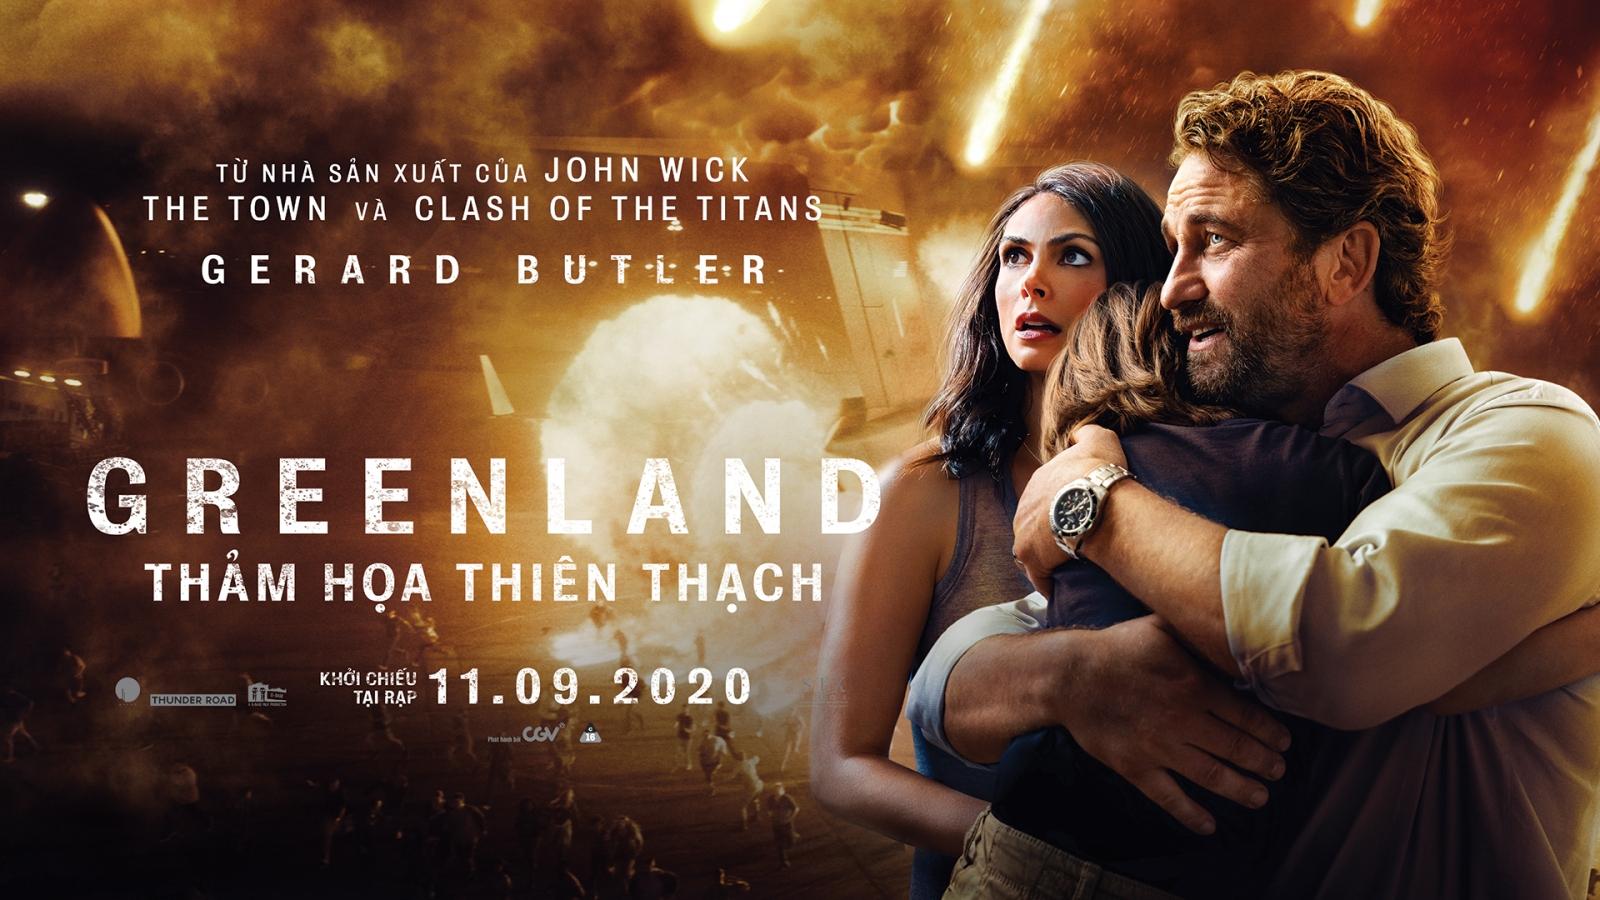 """Bom tấn """"Greenland"""" nhận mưa lời khen từ khán giả Việt sau buổi chiếu sớm"""